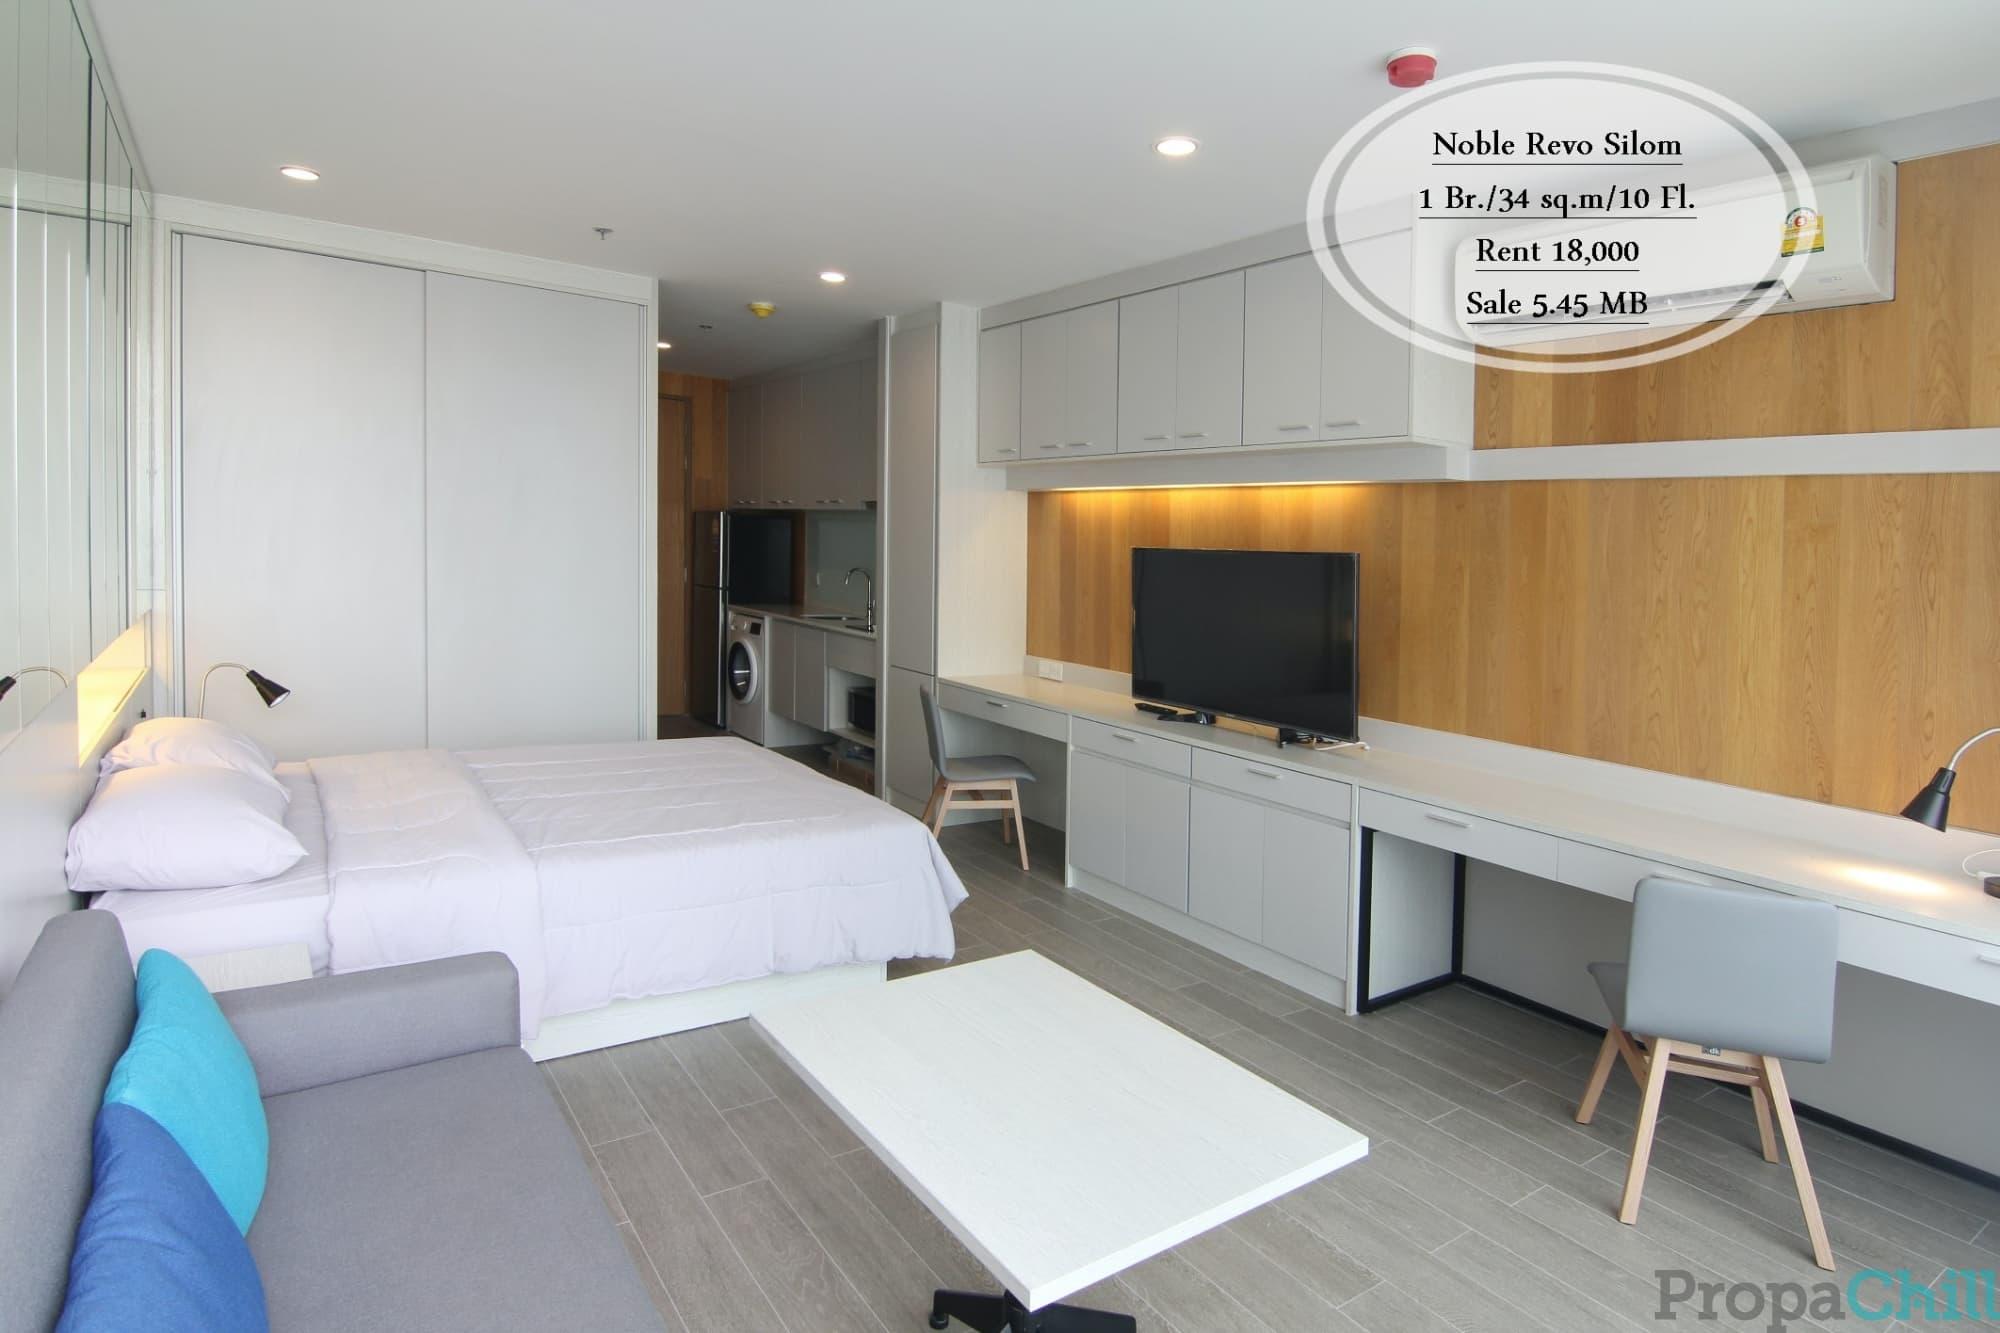 เช่า&ขาย Noble Revo Silom/ 1 นอน / 34 ตรม. /ชั้น10 ใกล้ BTS สุรศักดิ์ เช่า 18,000 บ. /ขาย 5.45 ล้าน